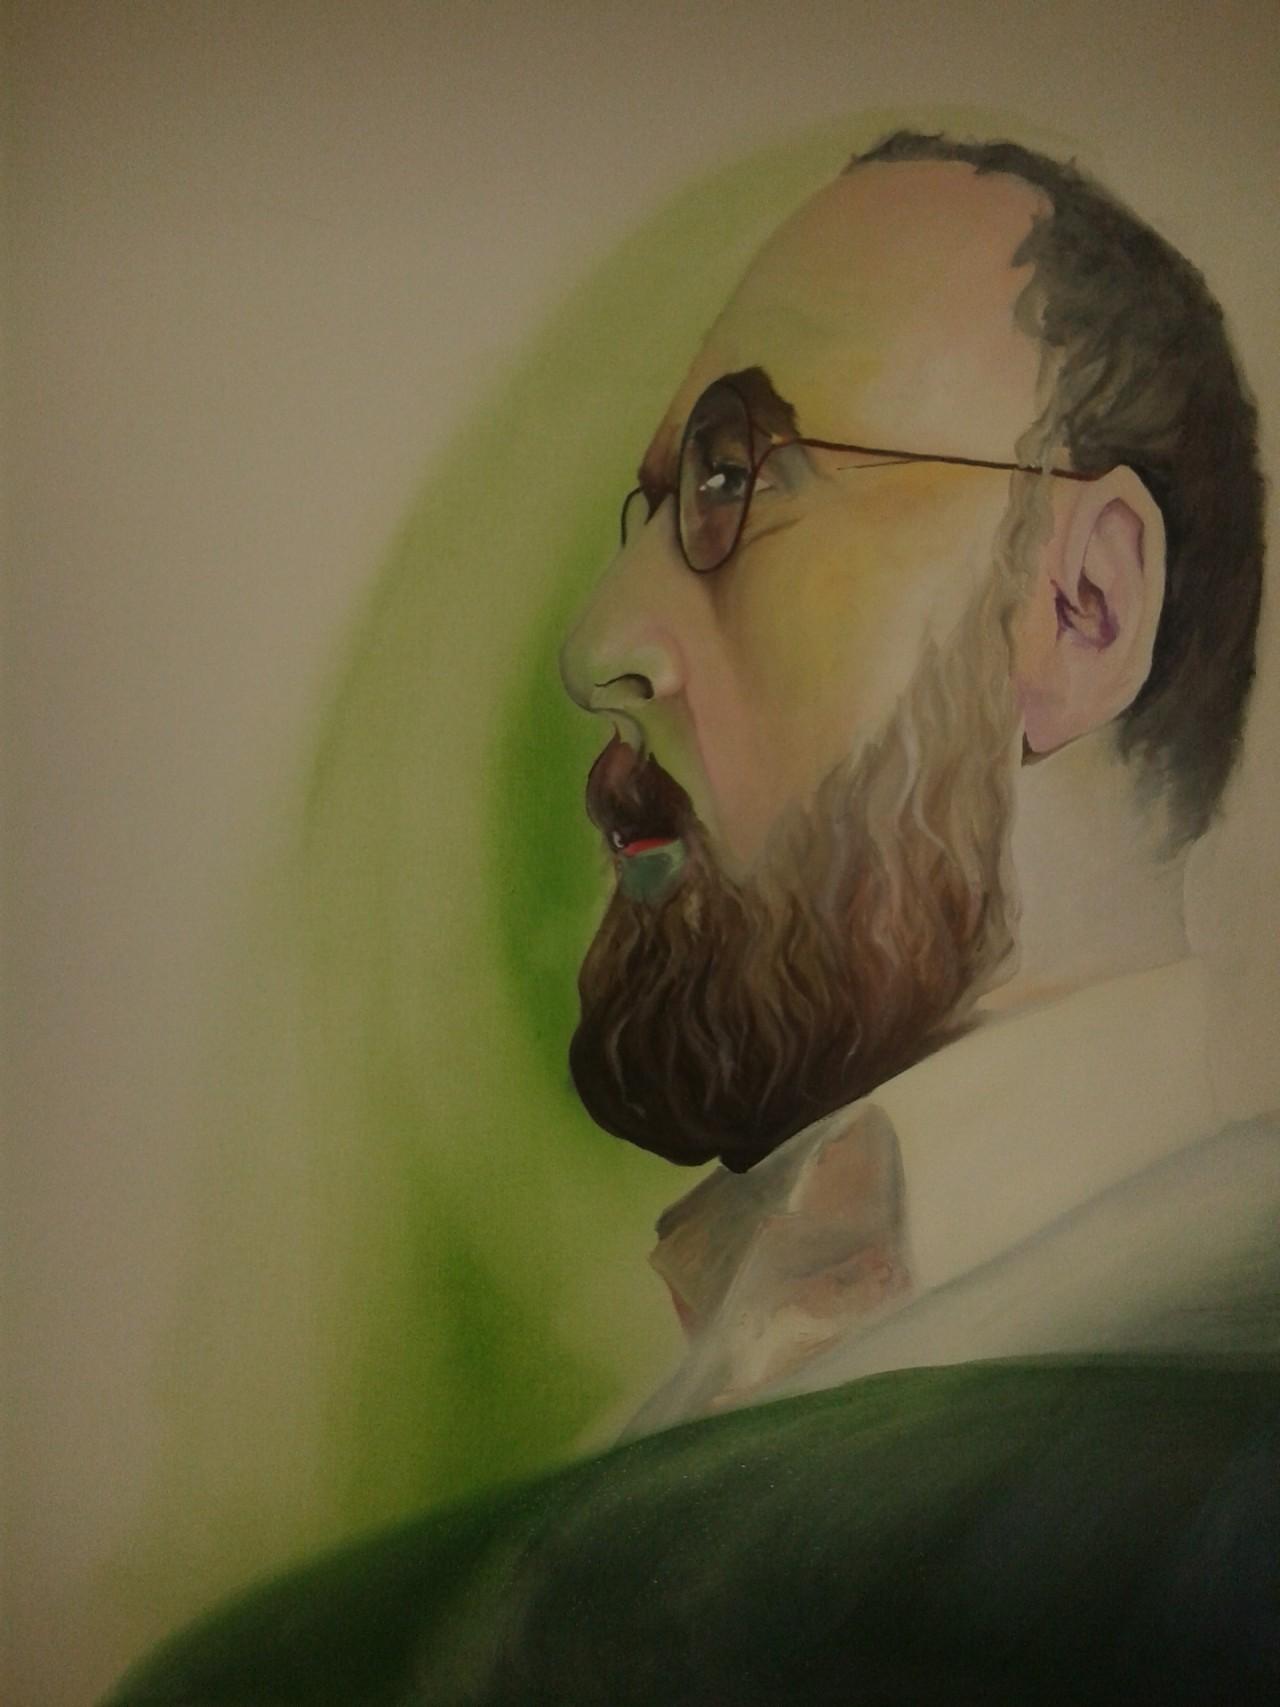 taunuswolf:  Mein schönstes Geschenk zum 60. Geburtstag. Ein Porträt, gemalt von Hannah Bayer, entstanden im Atelier von Anika van Vught (Mephistopholes)